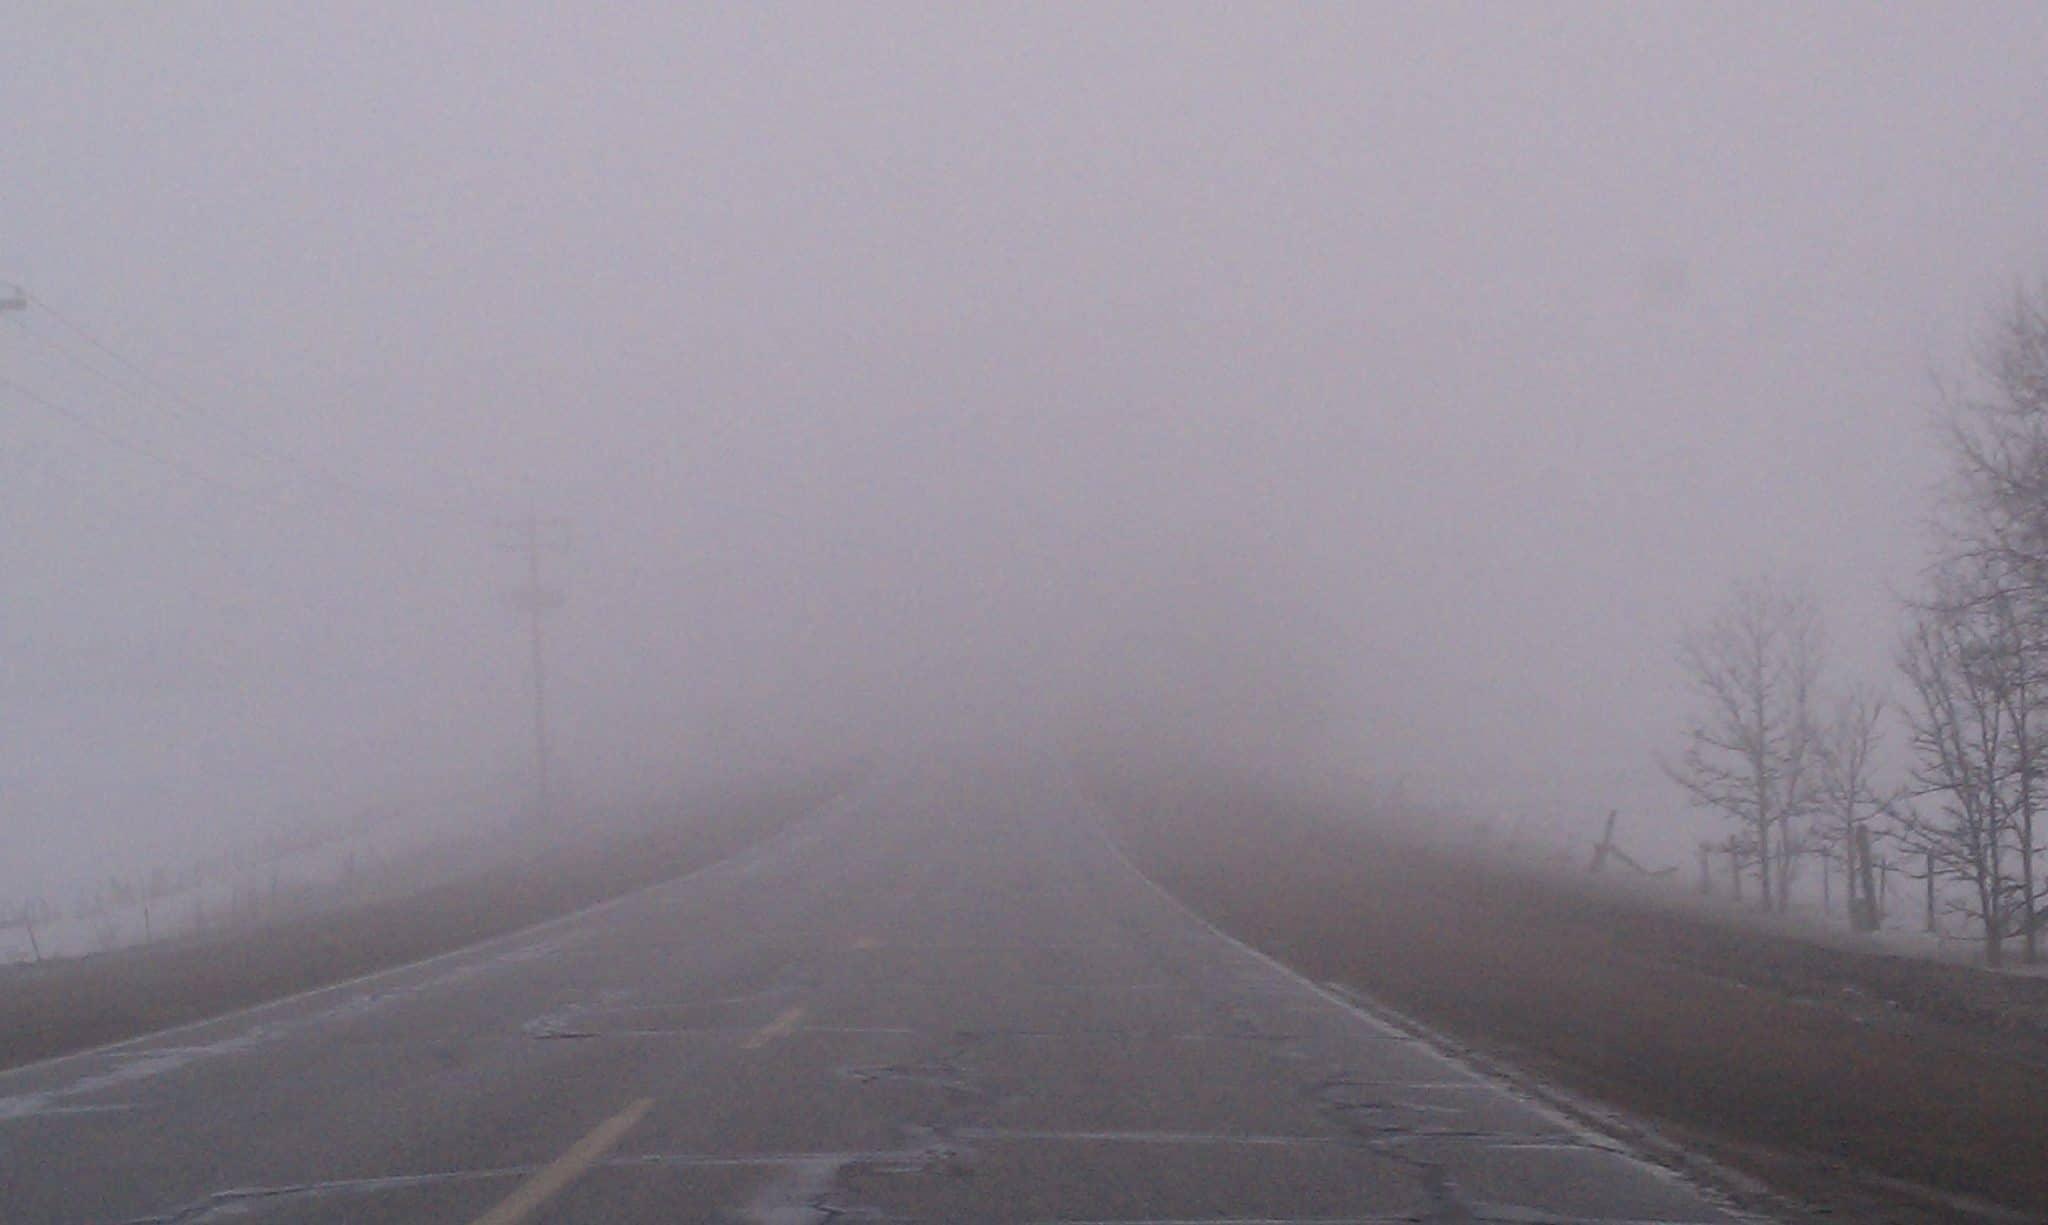 Proiectoare de ceata